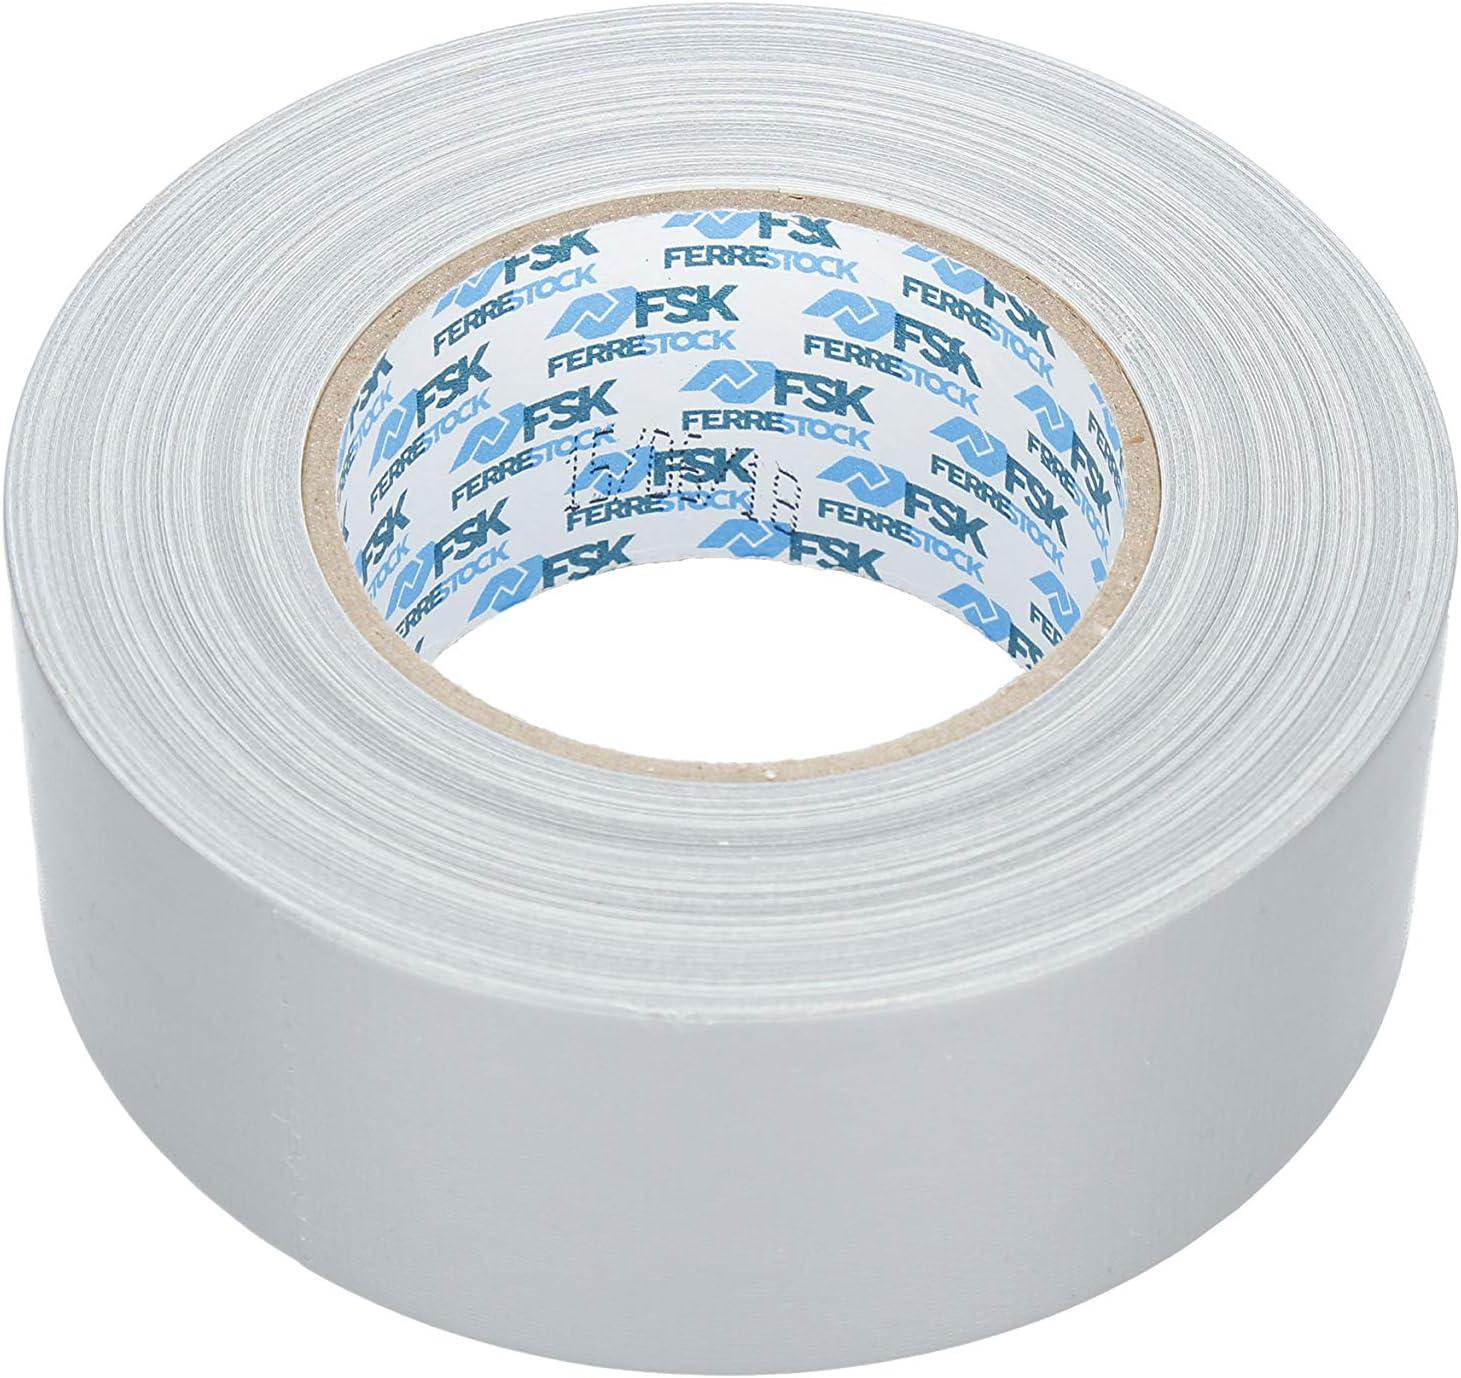 50mm x 10m en Color Plata Ferrestock FSKTCT001 Rollo de Cinta Americana f/ácil de Cortar no Deja residuos 50 x 10 mm 3 Capas para una Mayor Resistencia